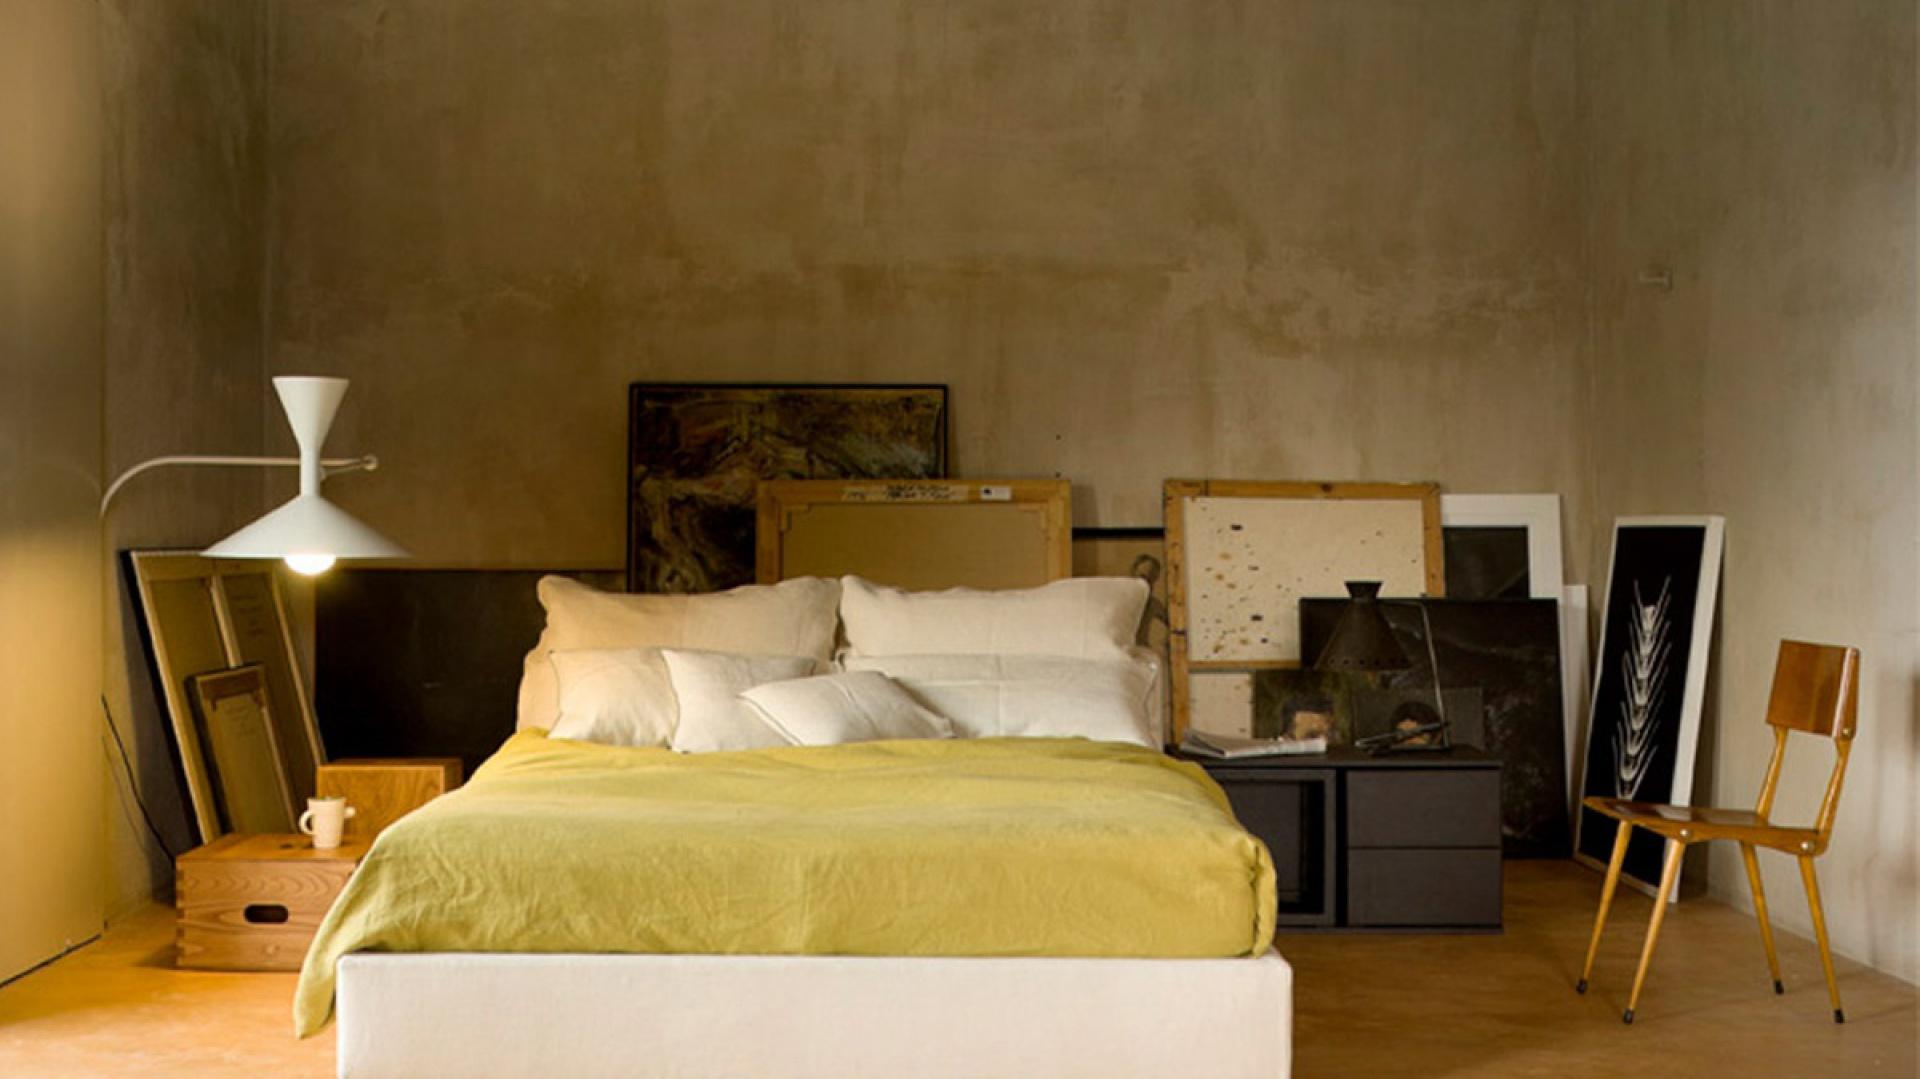 Łóżko Mex L33 / L34 powstało przy współpracy z marką Cassina. Proste linie tworzą ponadczasową formę. Łóżko dostępne w wielu kolorach i jako jedno z niewielu jako jedno z niewielu projektów artysty może posiadać pojemnik na pościel. Fot. Cassina.